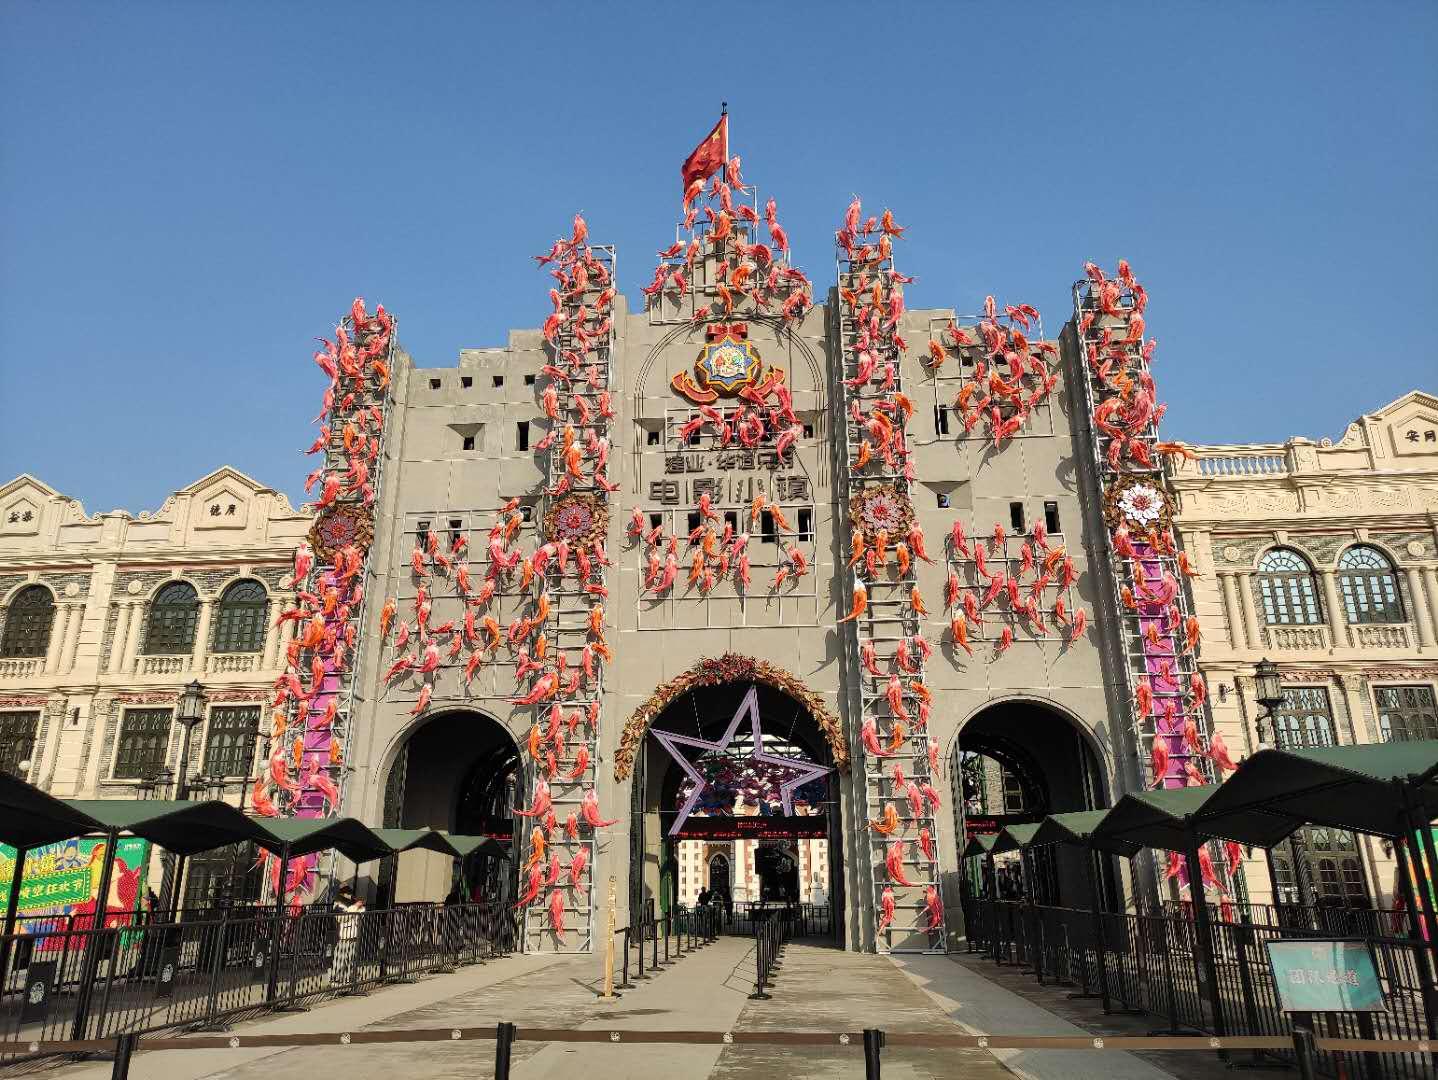 我在郑州电影小镇等着你! 全国医务工作者免费游!